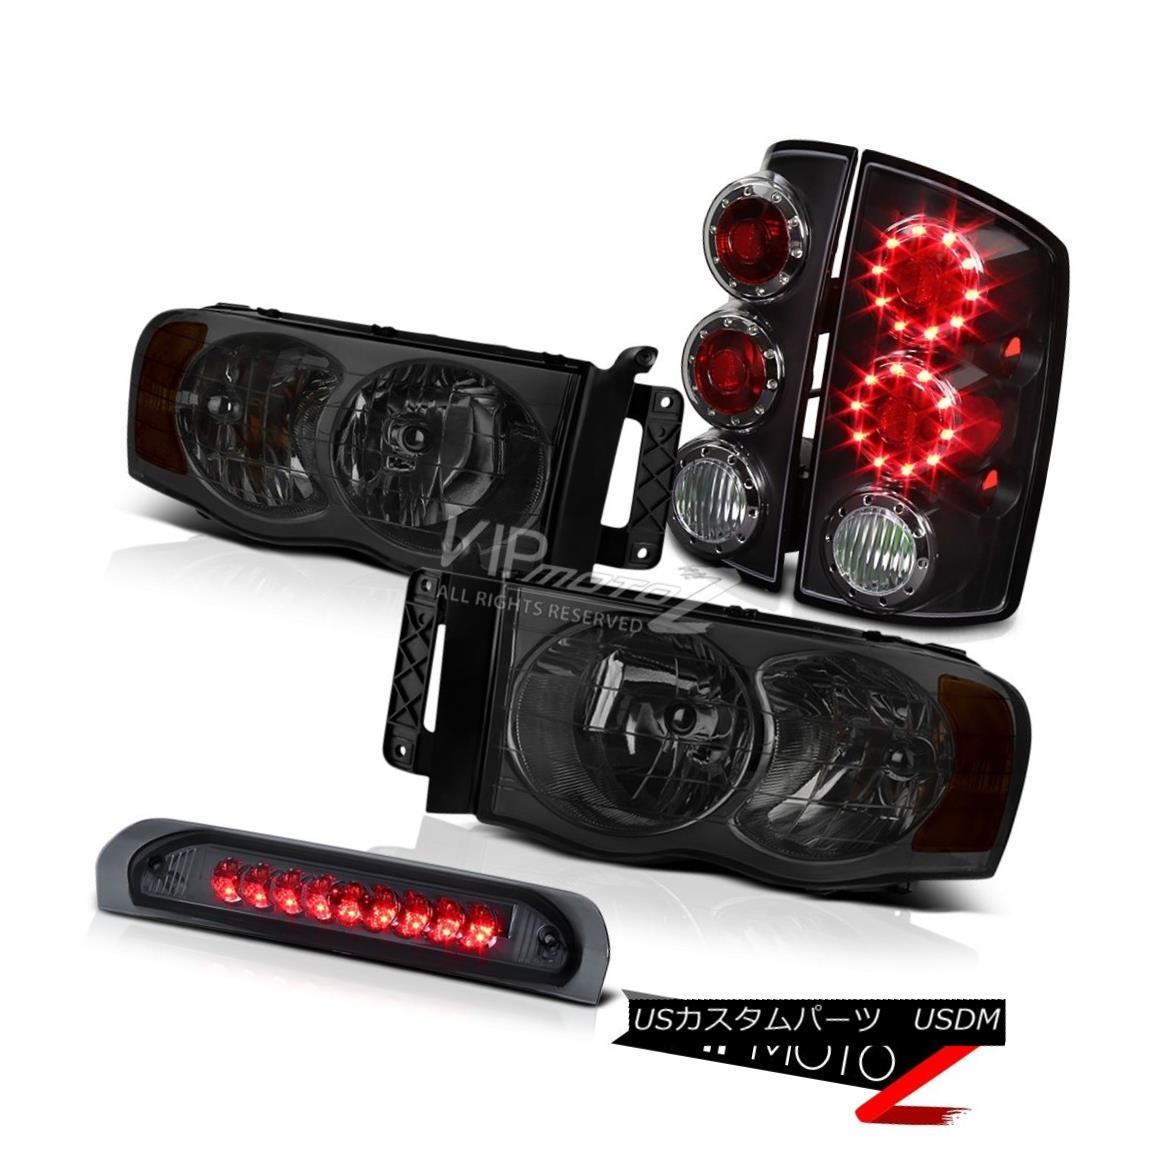 ヘッドライト Smoke Diamond Headlamp w/ Amber+Black LED Tail Lamp 02-05 Dodge RAM 琥珀色+黒LEDテールランプ付き煙ダイヤモンドヘッドランプ02-05 Dodge RAM